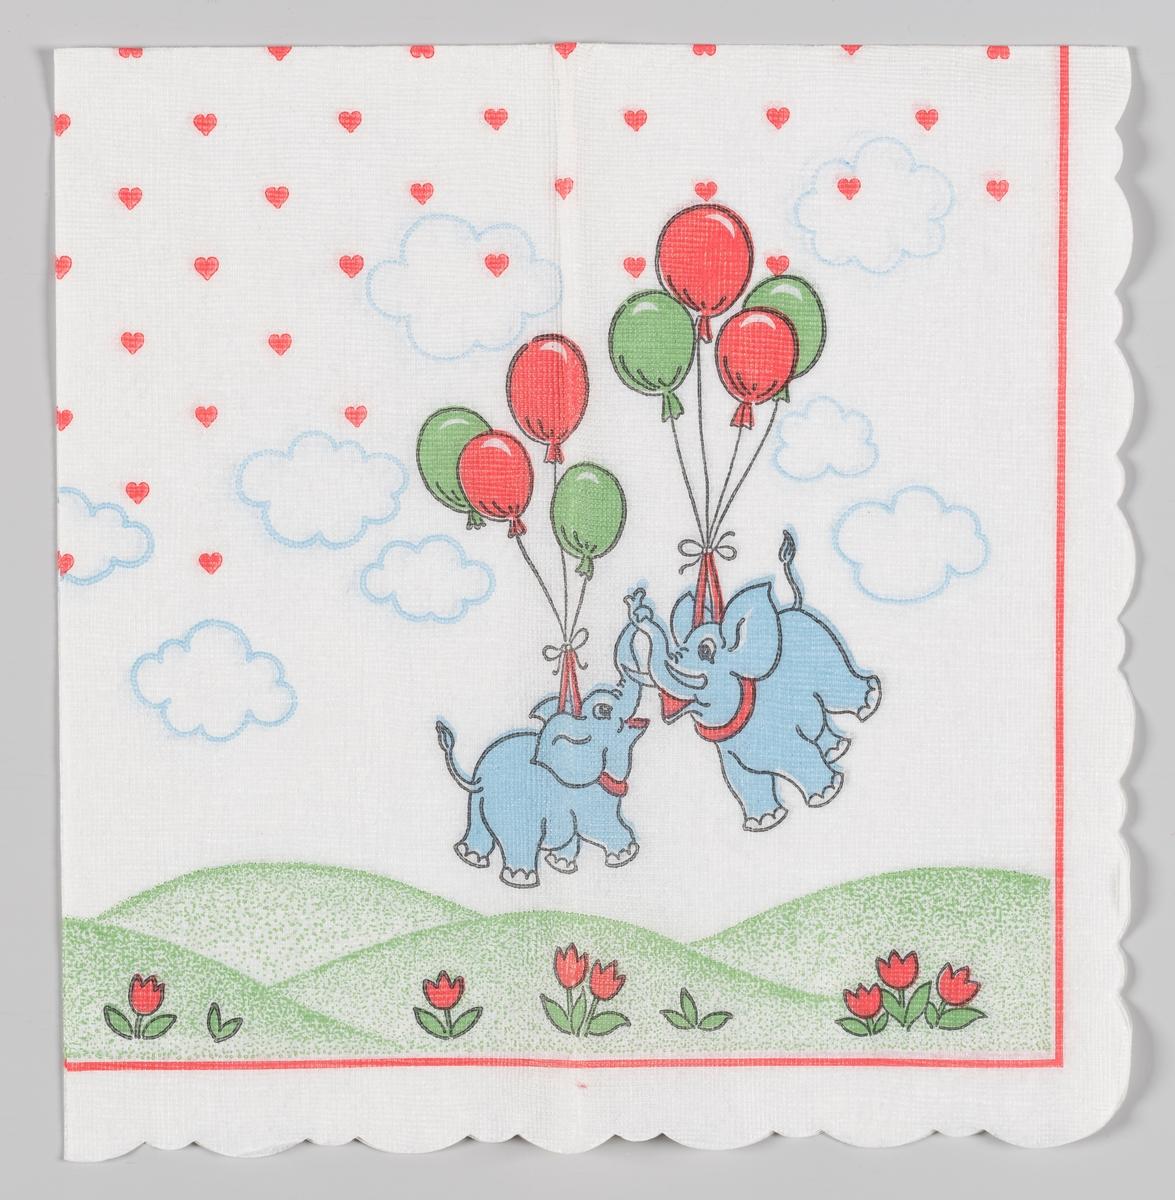 To lyseblå elefanter flyger avgårde båret av ballonger. Under elefantene er det et bølget grønt landskap med blomster. På himmelen er det lyseblå skyer og masse hjerter. En rød stripet kant.